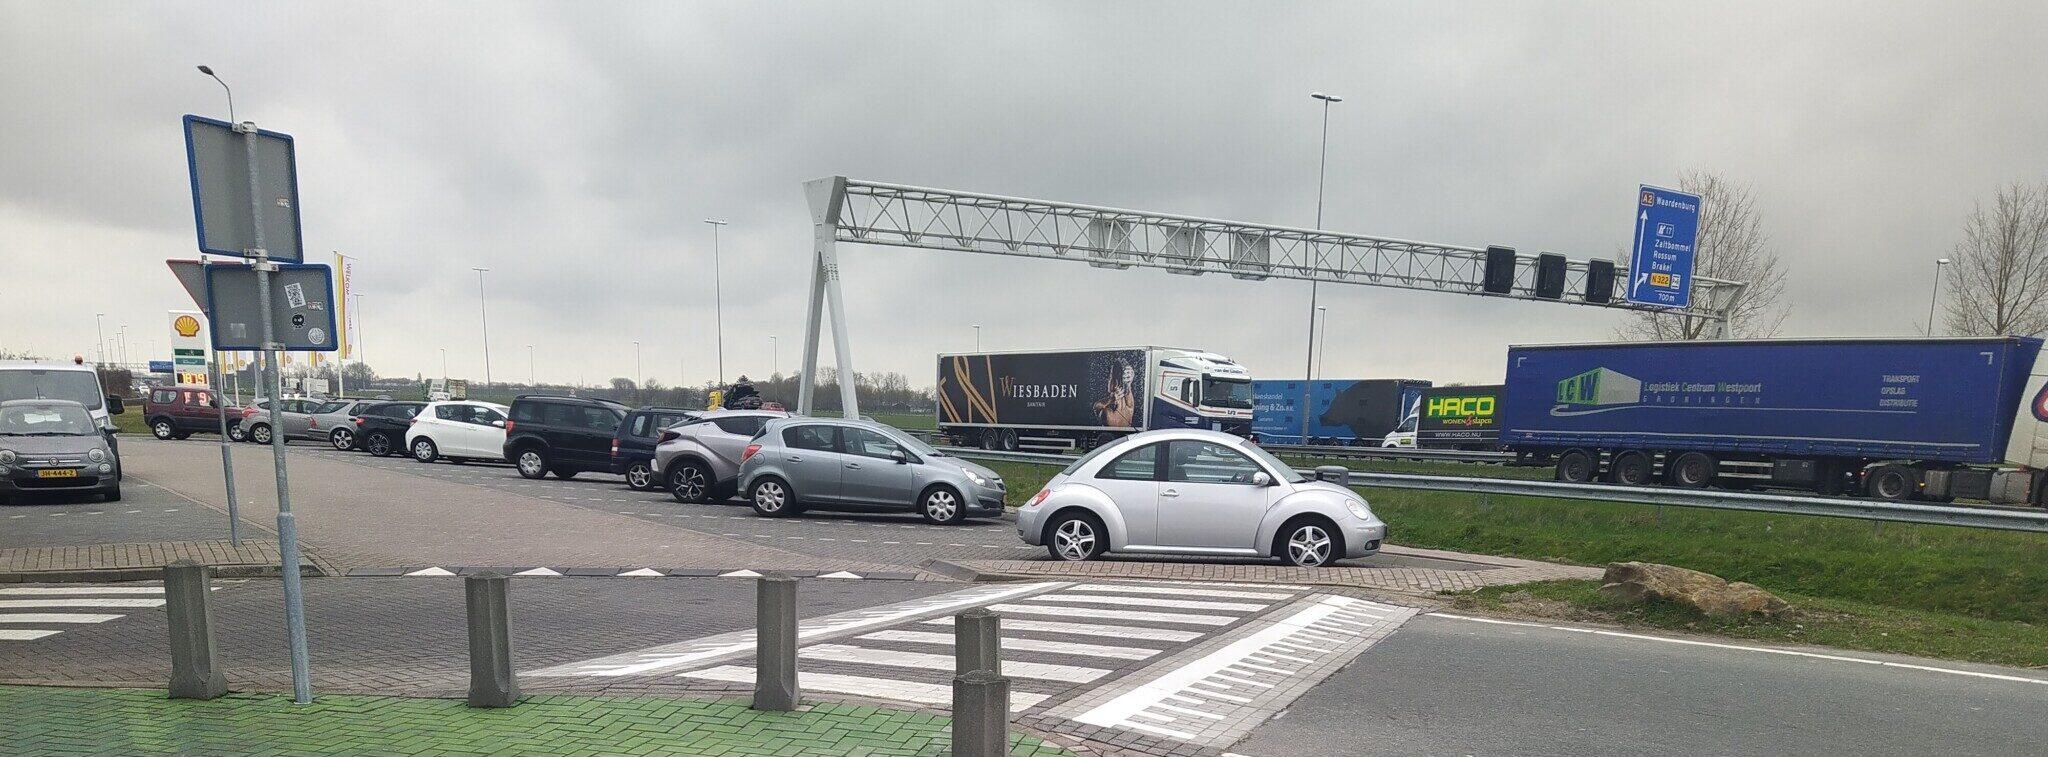 Snelheidsremmers langs de snelweg